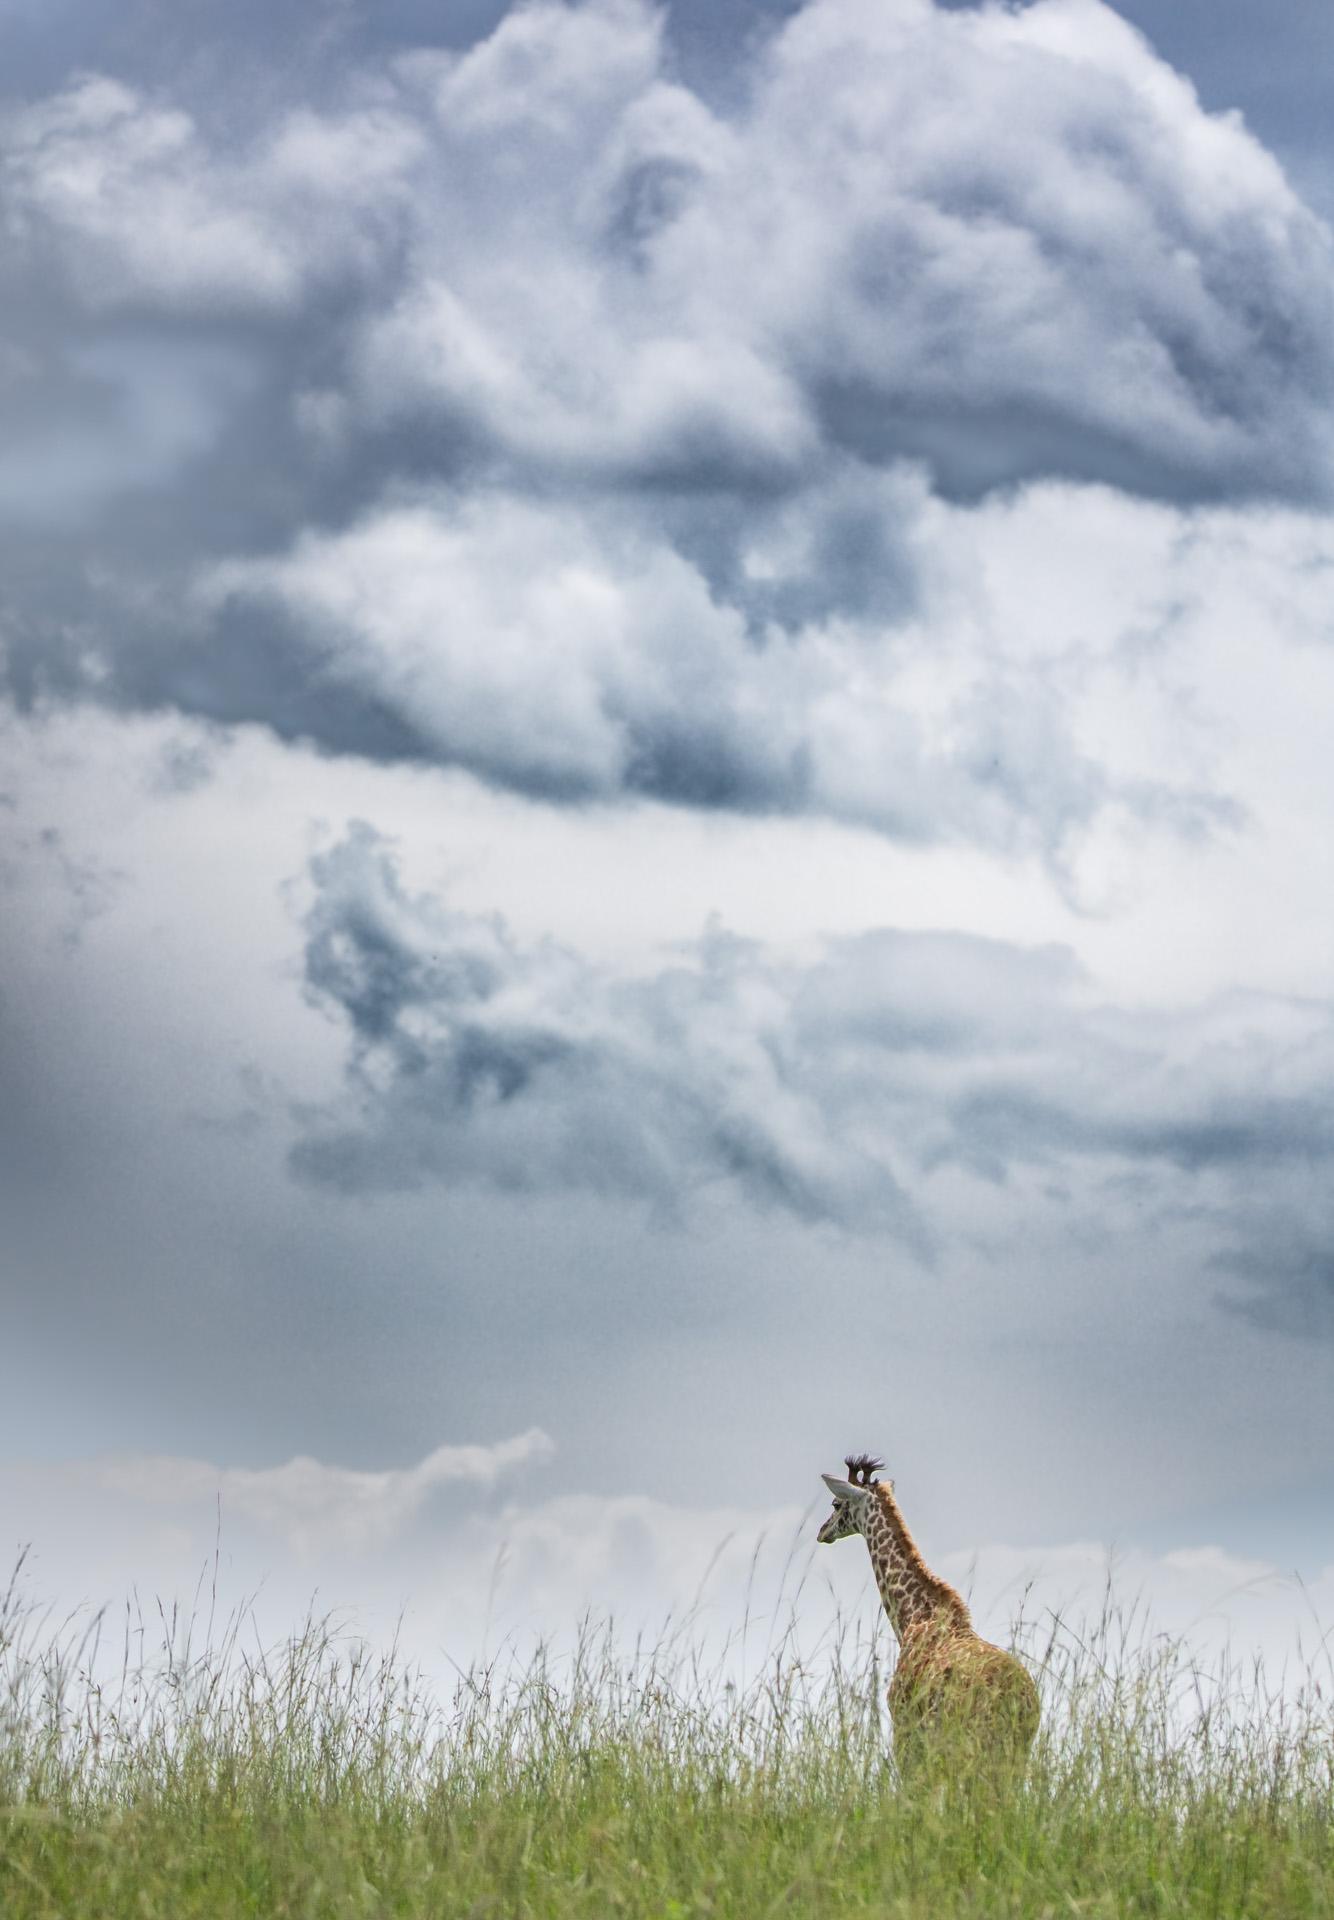 Giraffe storm